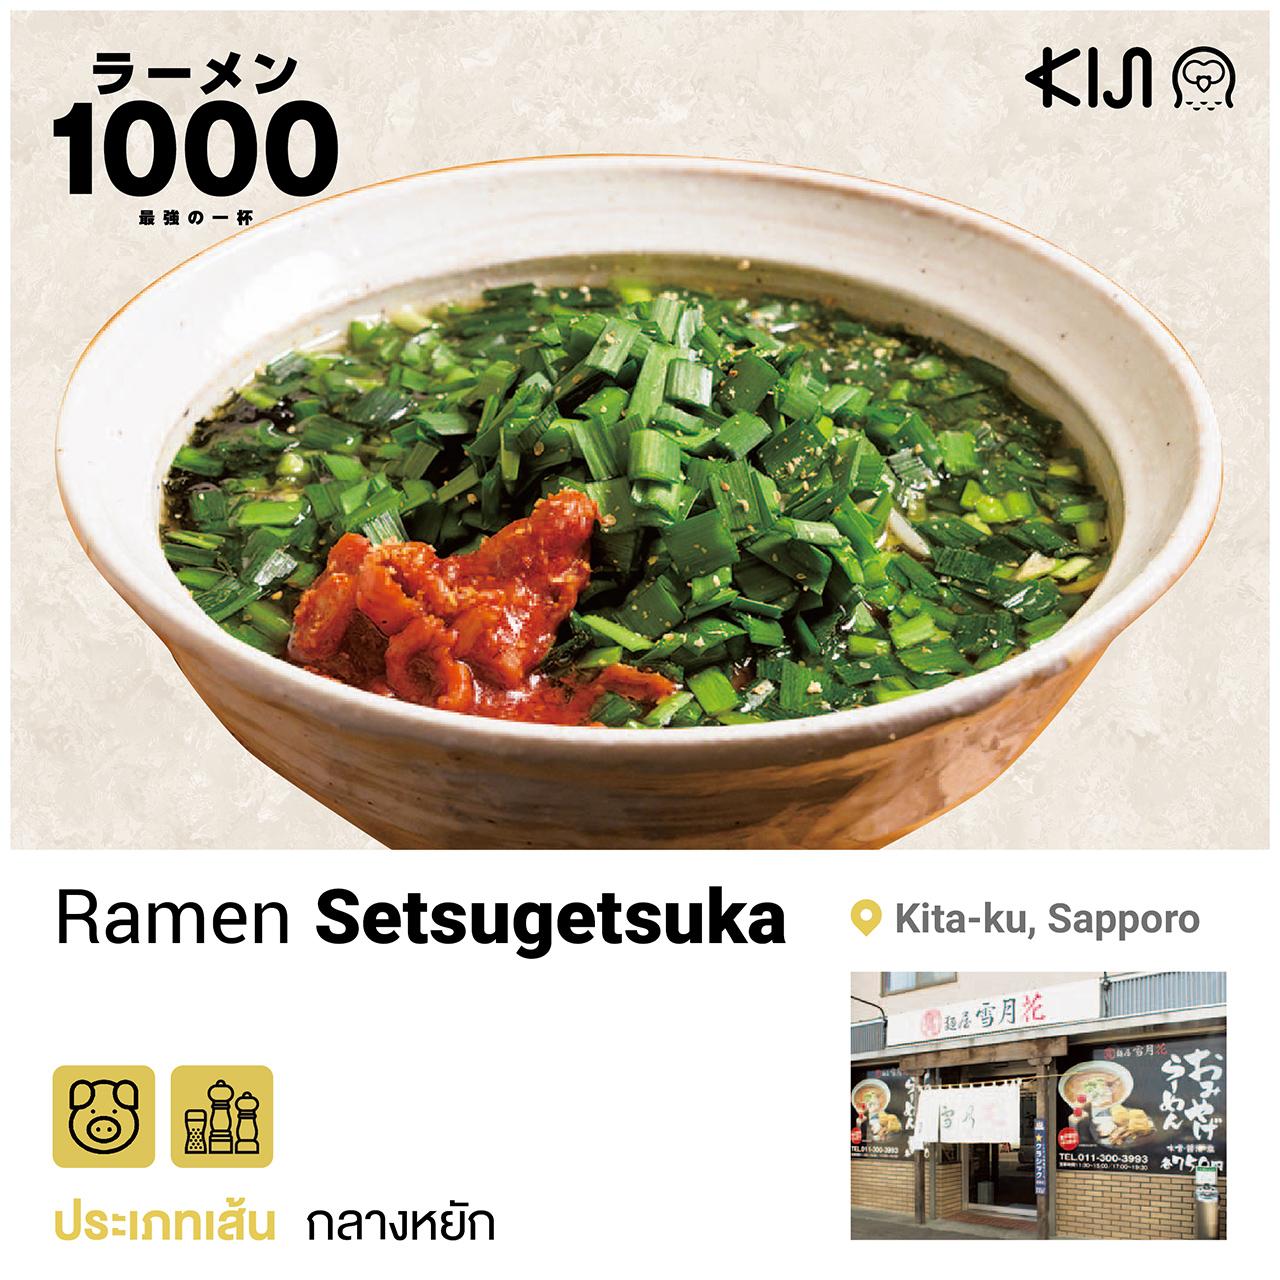 ร้านราเมน เขตคิตะ เมืองซัปโปโร จ.ฮอกไกโด - Ramen Setsugetsuka